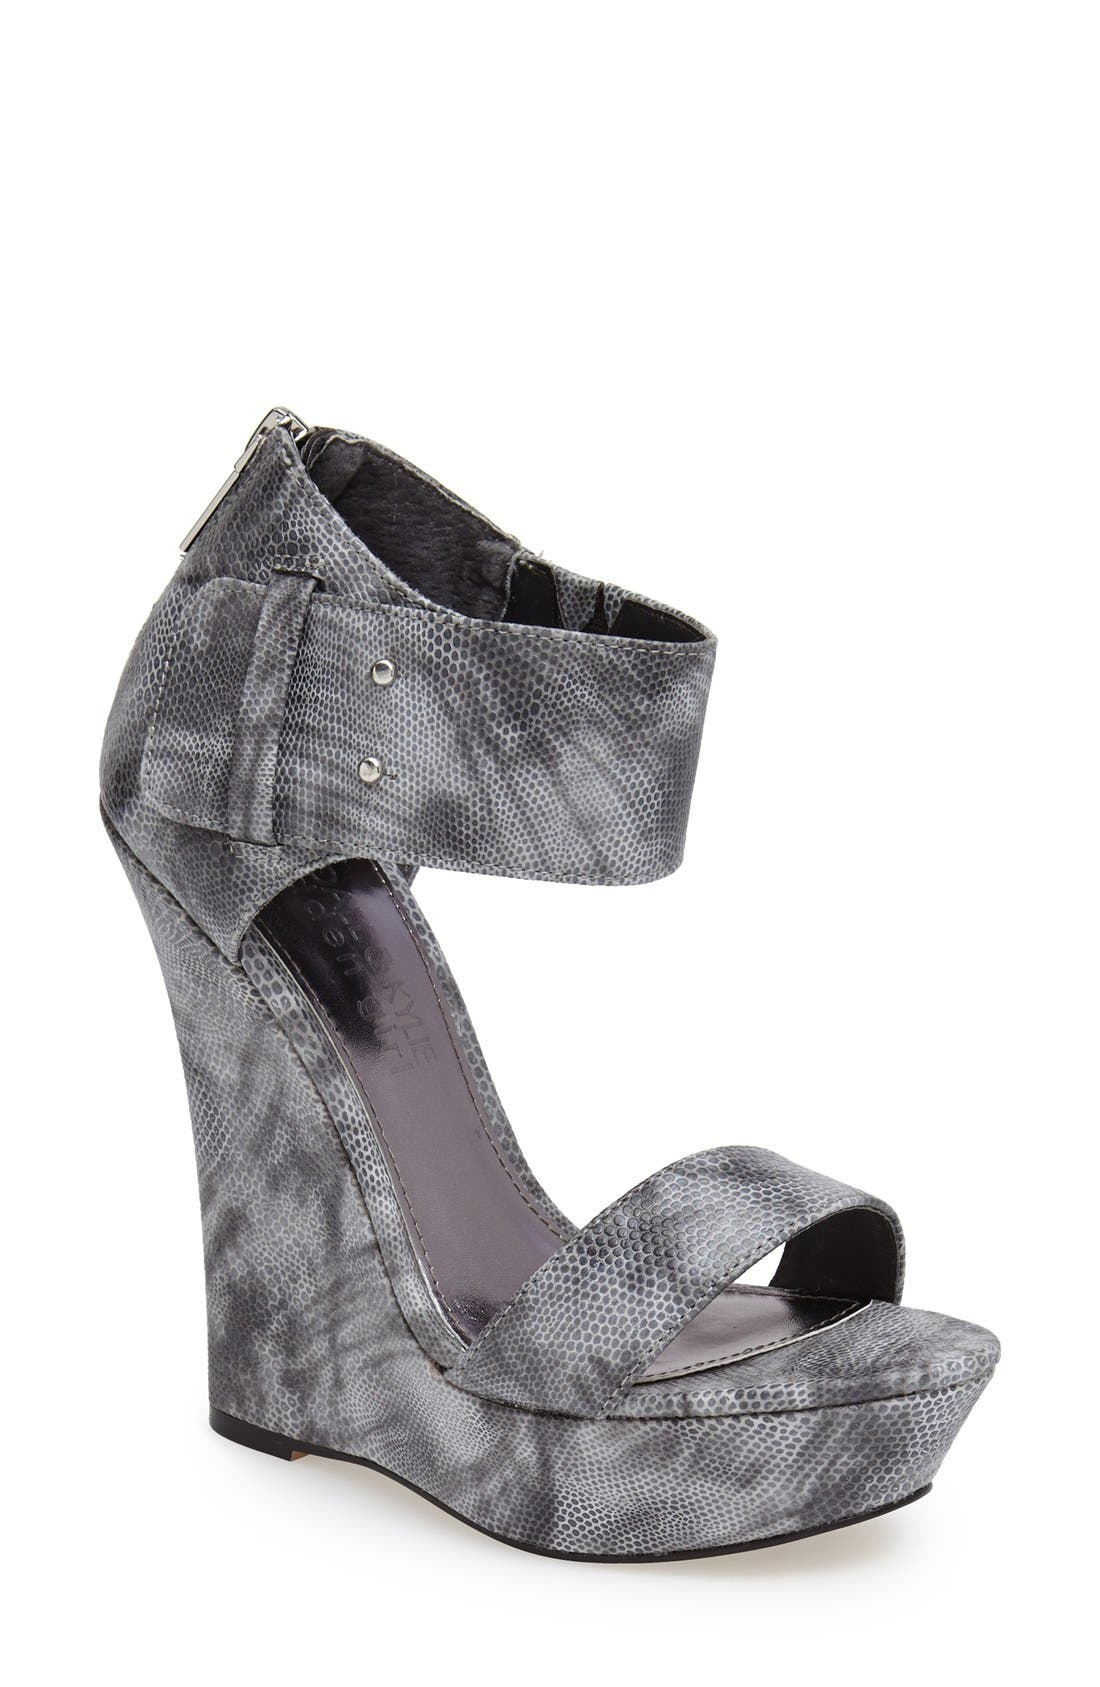 Alternate Image 1 Selected - KENDALL + KYLIE Madden Girl 'Felina' Wedge Sandal (Women)